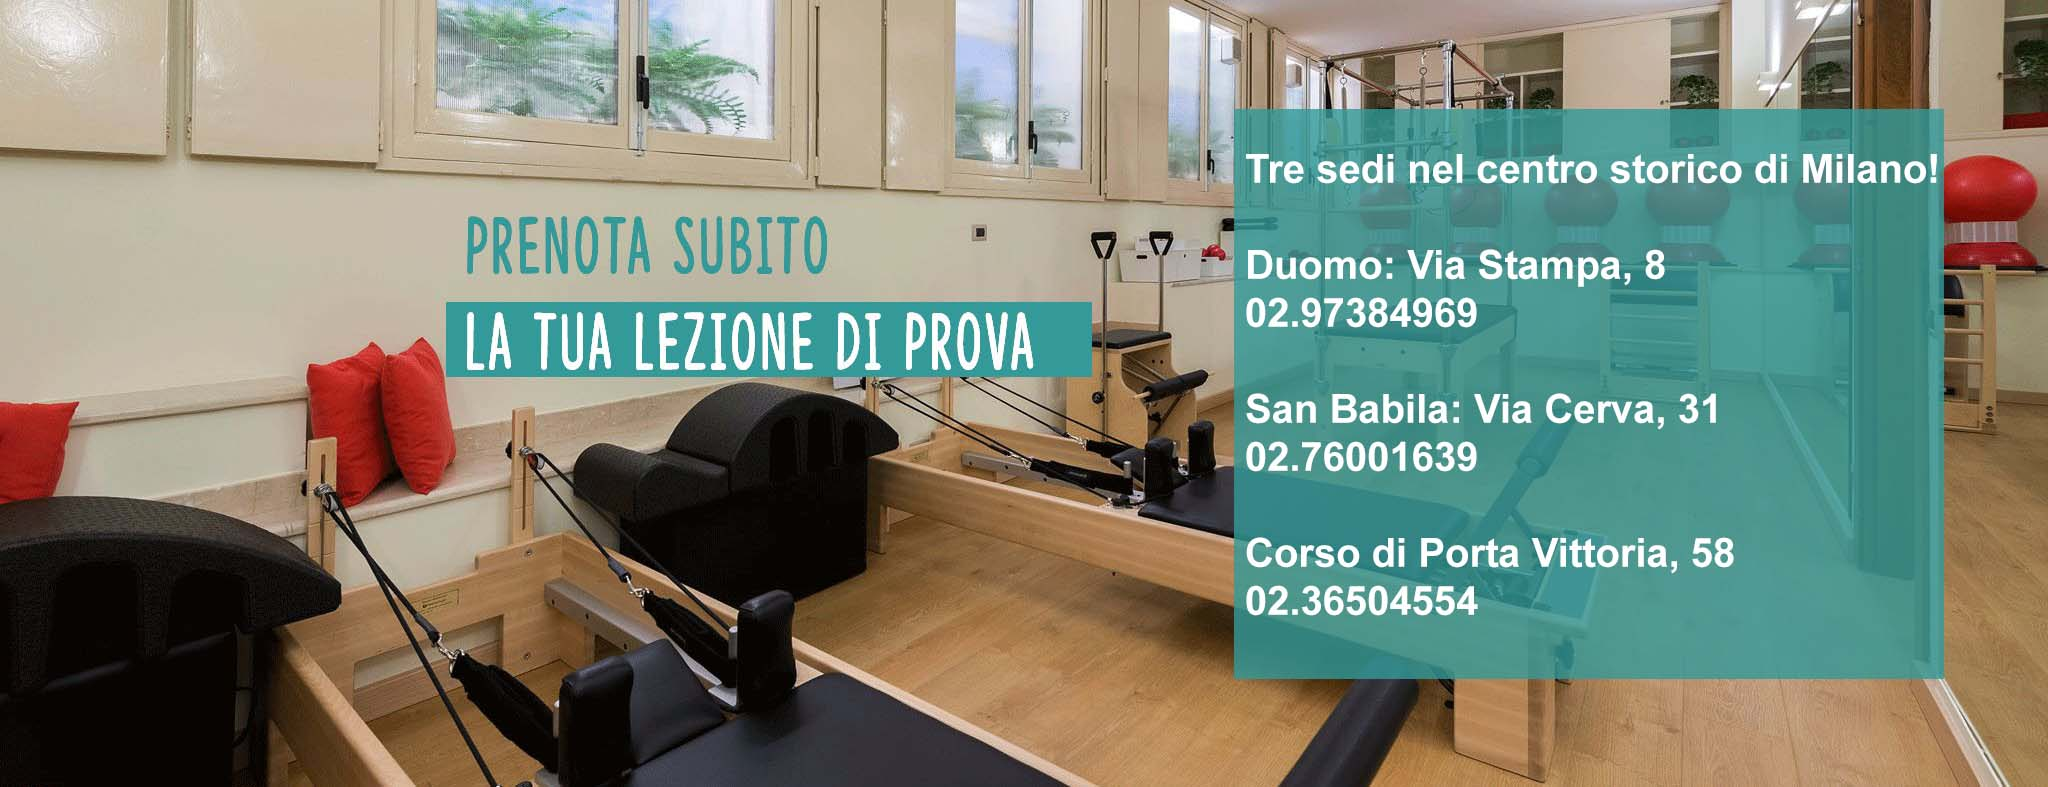 Pilates Milano Municipio 1 - Prenota subito la tua lezione di prova